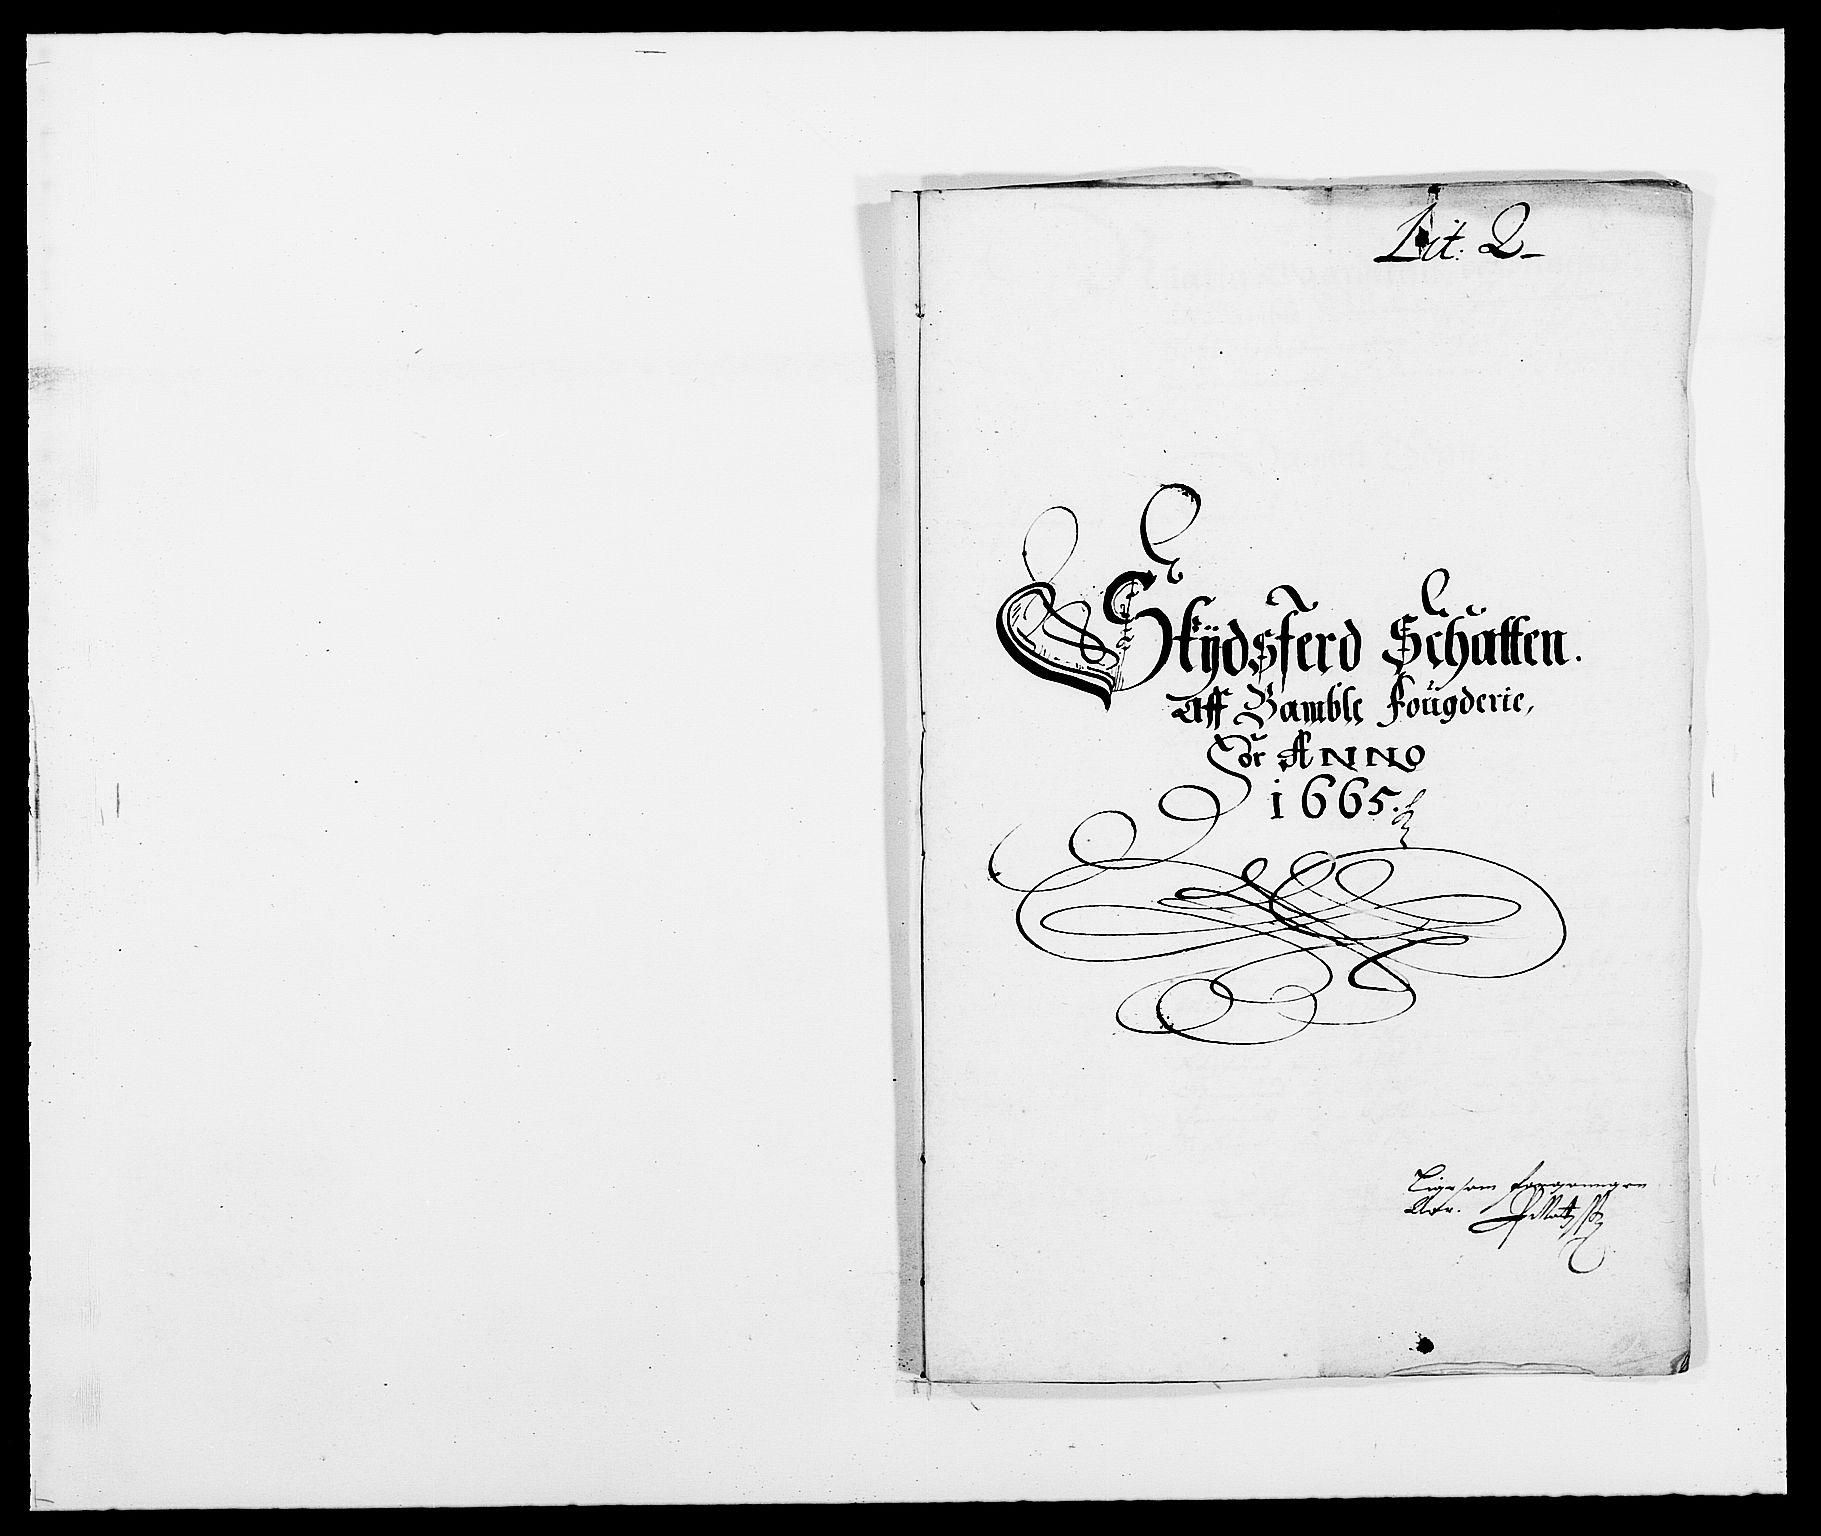 RA, Rentekammeret inntil 1814, Reviderte regnskaper, Fogderegnskap, R34/L2038: Fogderegnskap Bamble, 1662-1669, s. 234